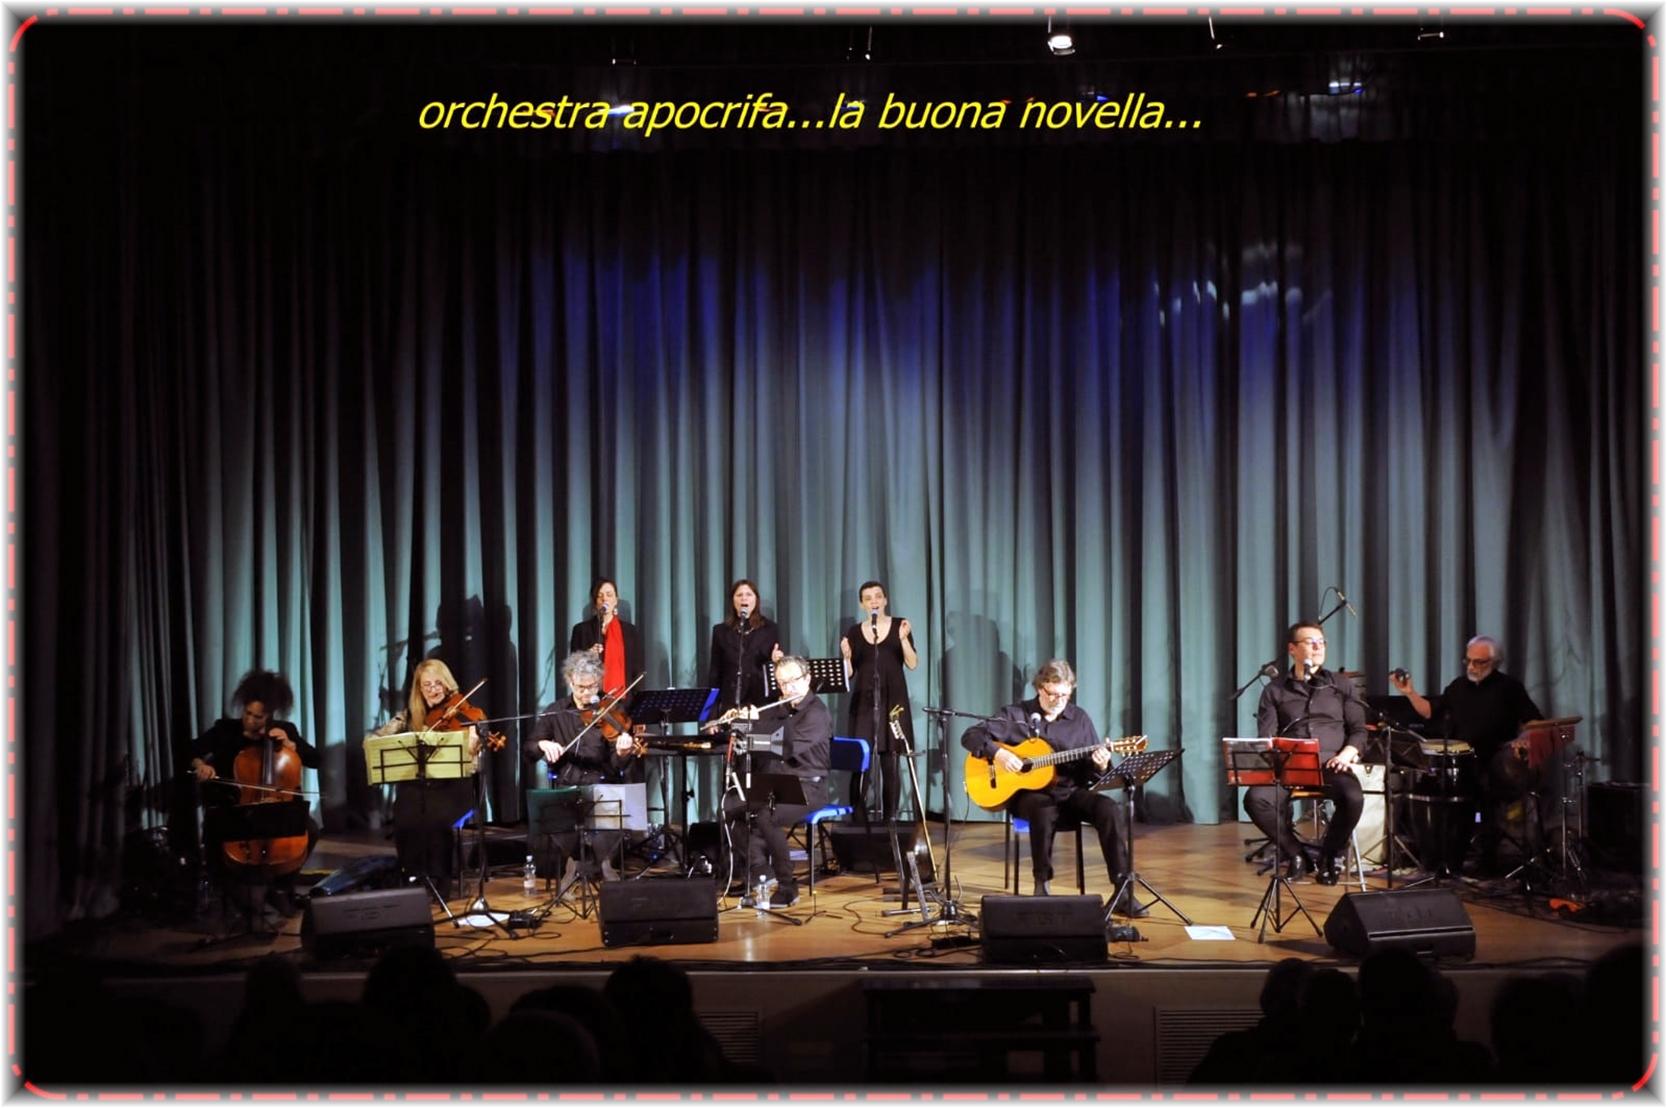 2019-Buona-Novella-37